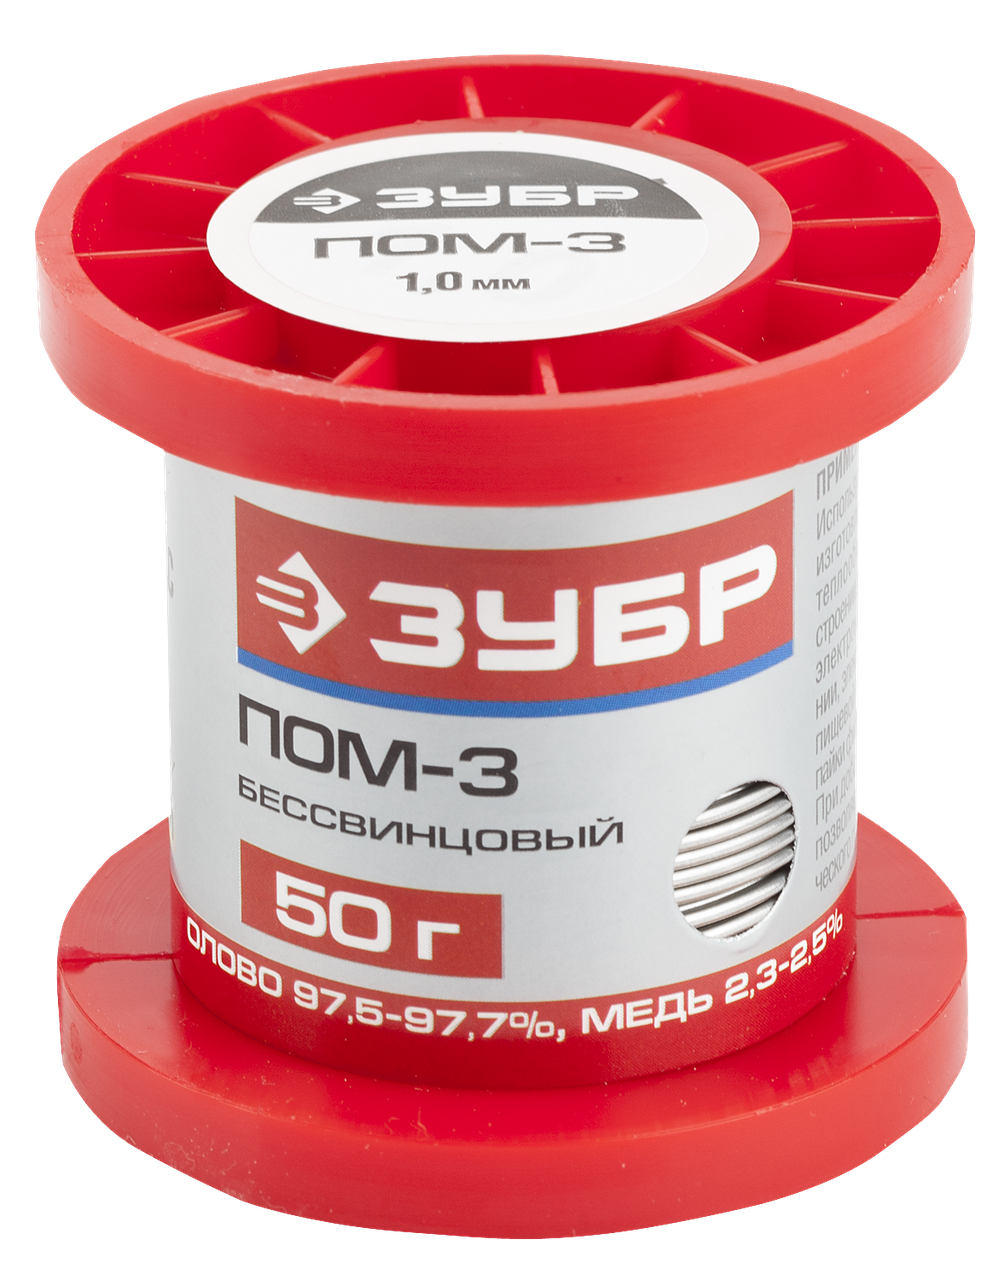 Припой ПОМ-3 (Sn97Cu3), специальный безсвинцовый, ЗУБР 55456-050-10, проволока, 50гр, 1мм